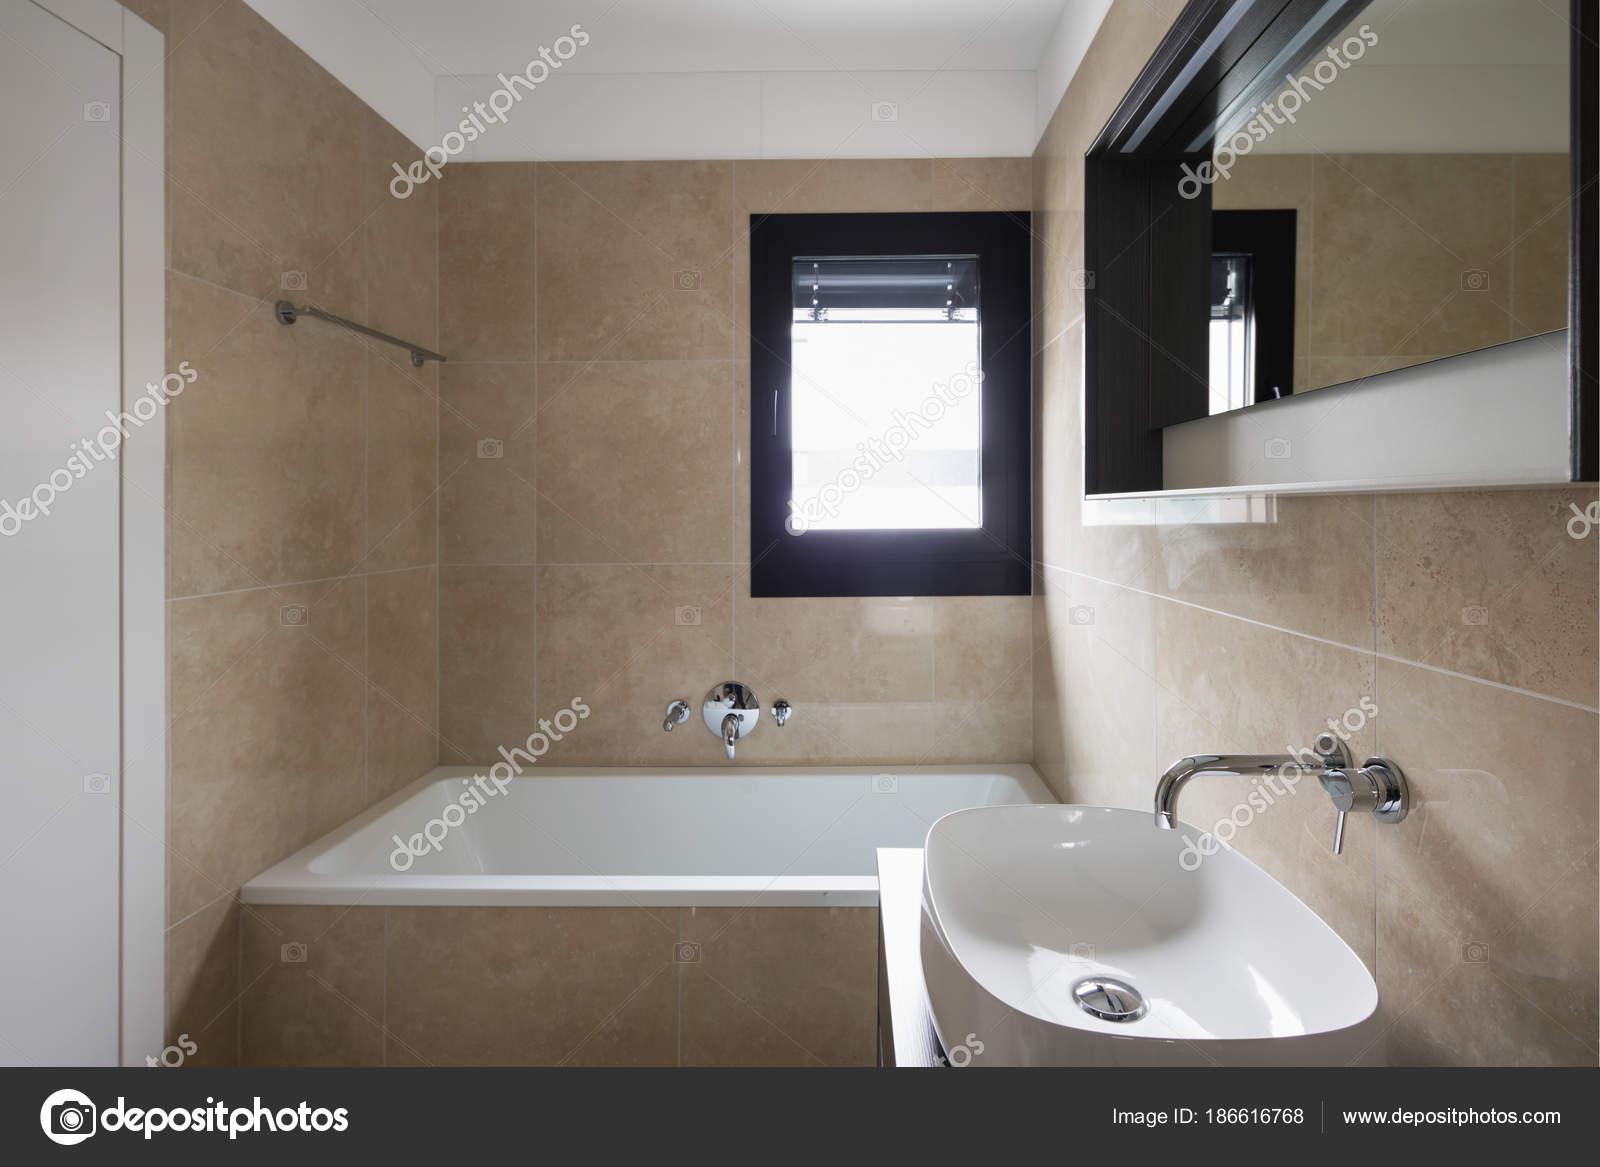 Vasca Da Bagno Di Grandi Dimensioni : Dettaglio del lavabo e vasca da bagno u foto stock zveiger